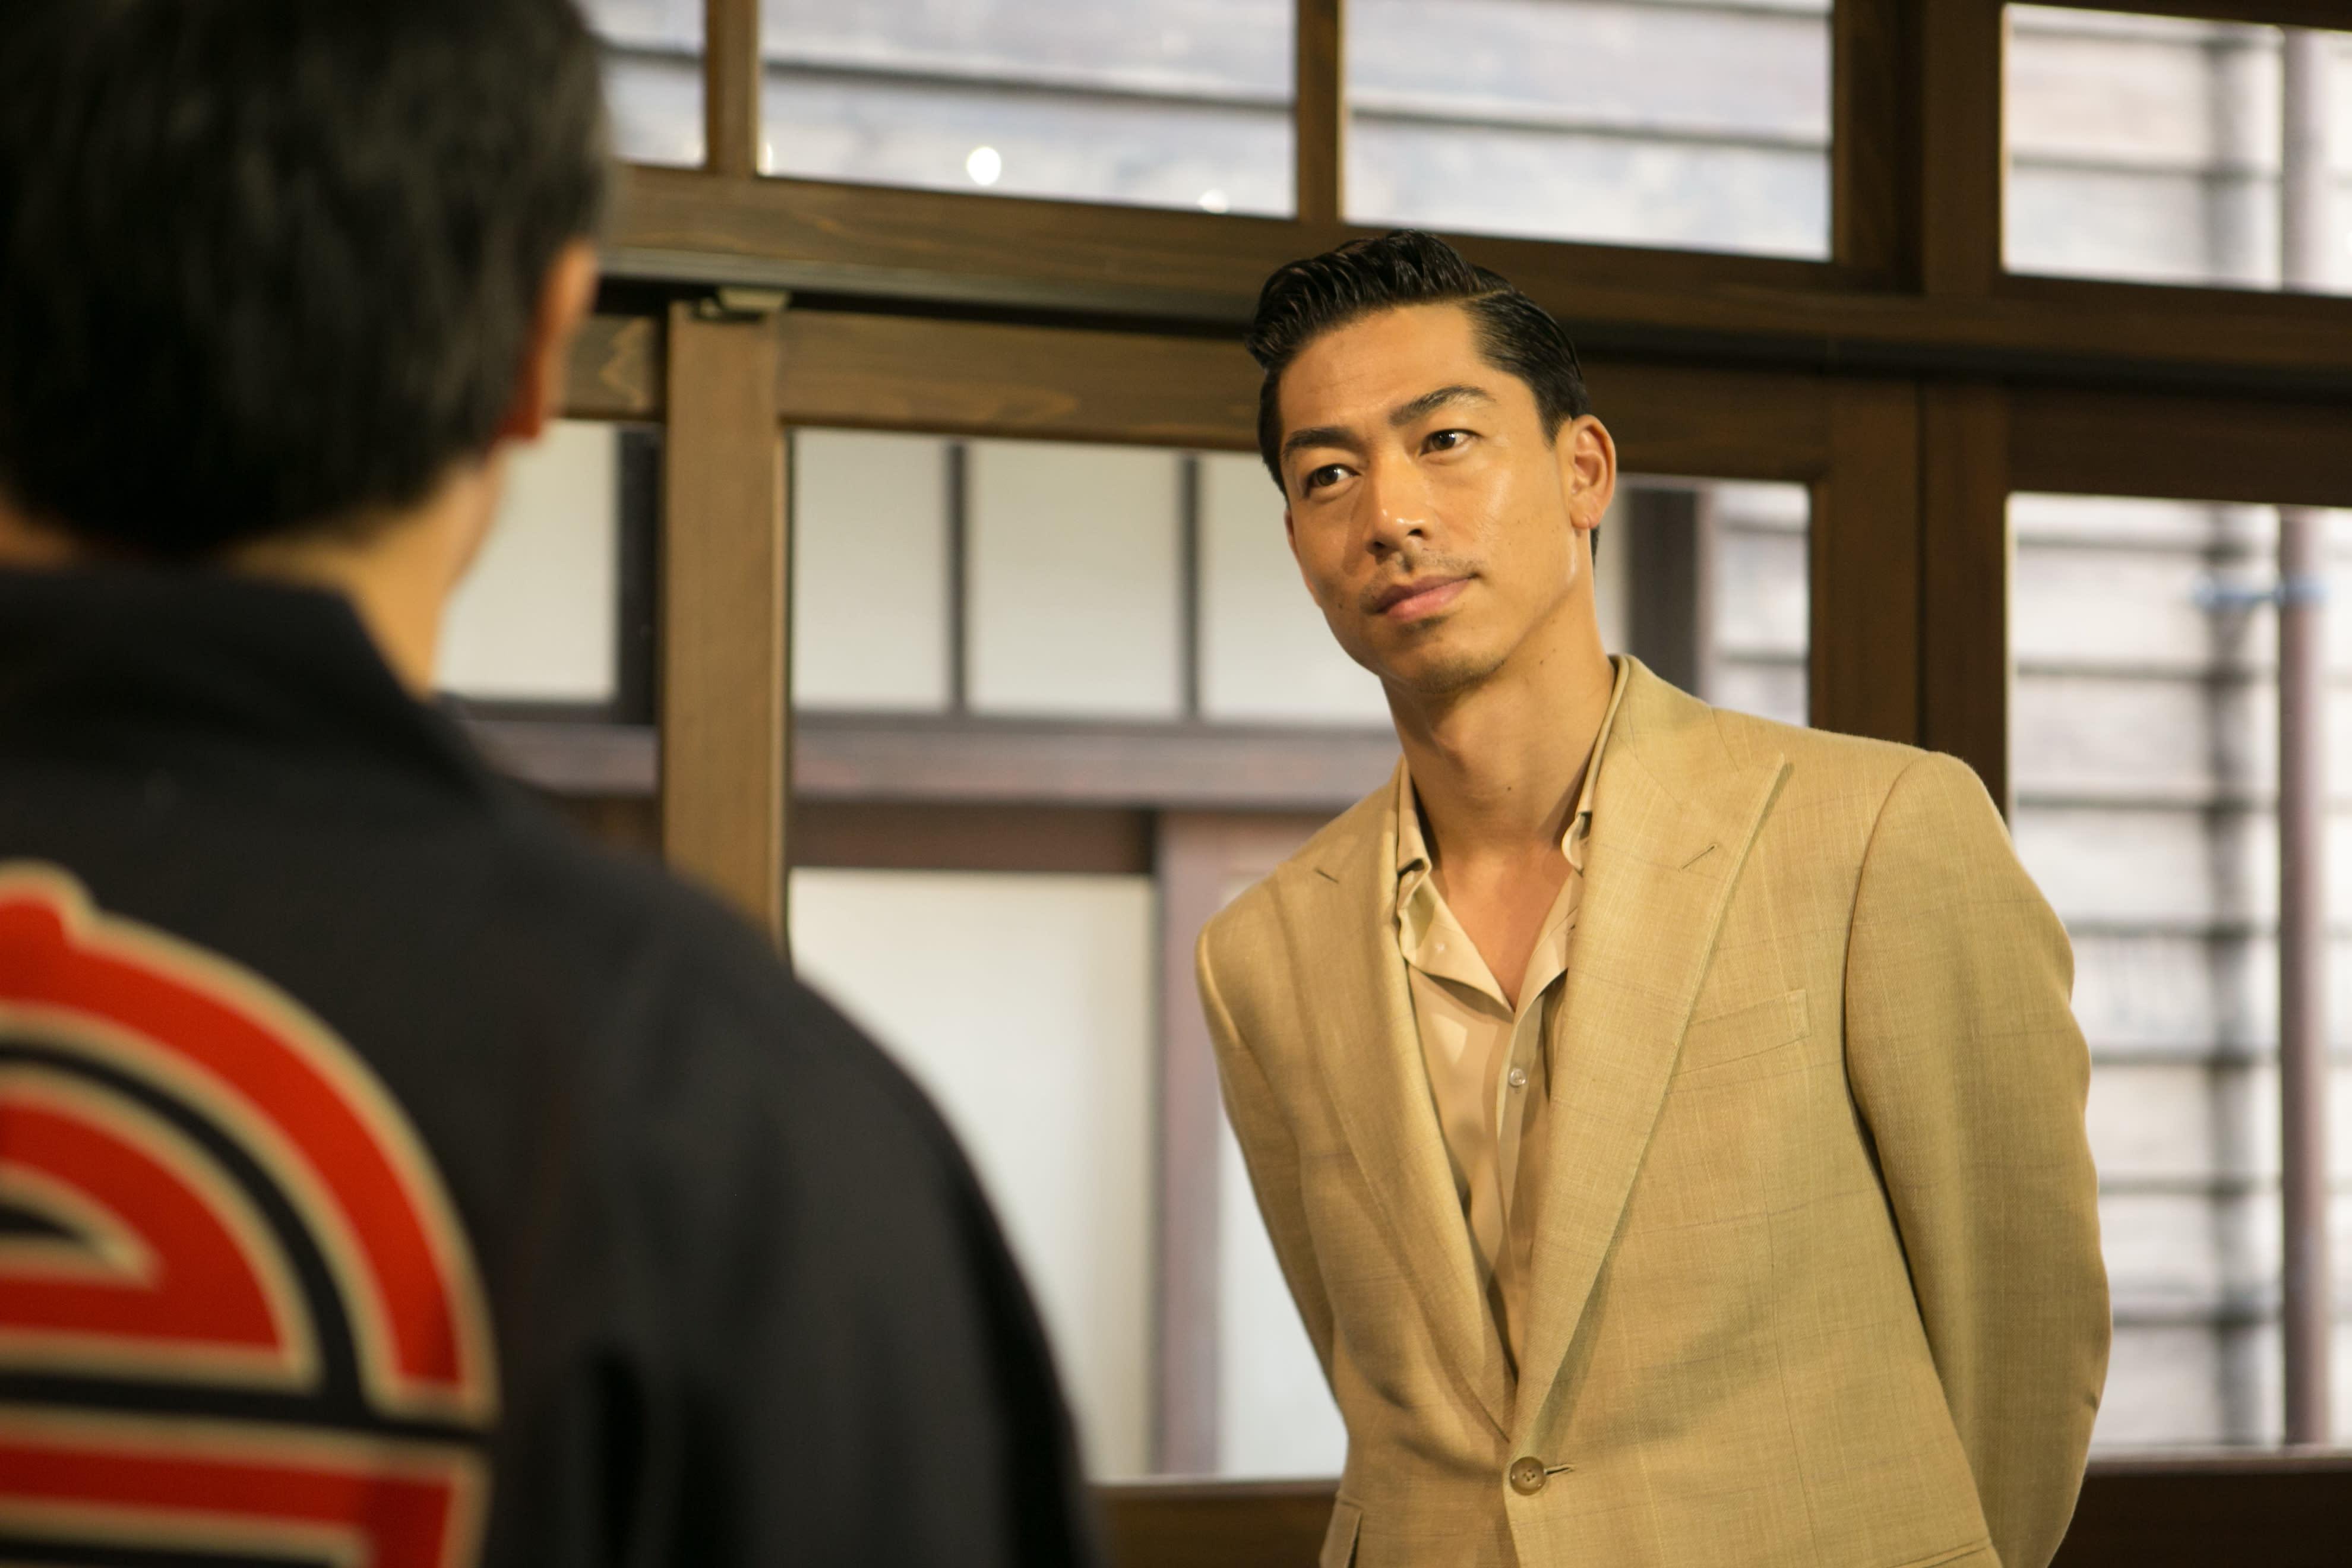 個性嚴謹的山田耕筰(Akira飾)是日本最早的古典樂作曲家之一,他從柏林留學回國後,就開始致力於國內古典音樂的創作與指揮。他同時也從事童謠創作,最著名作品是「紅蜻蜓」。